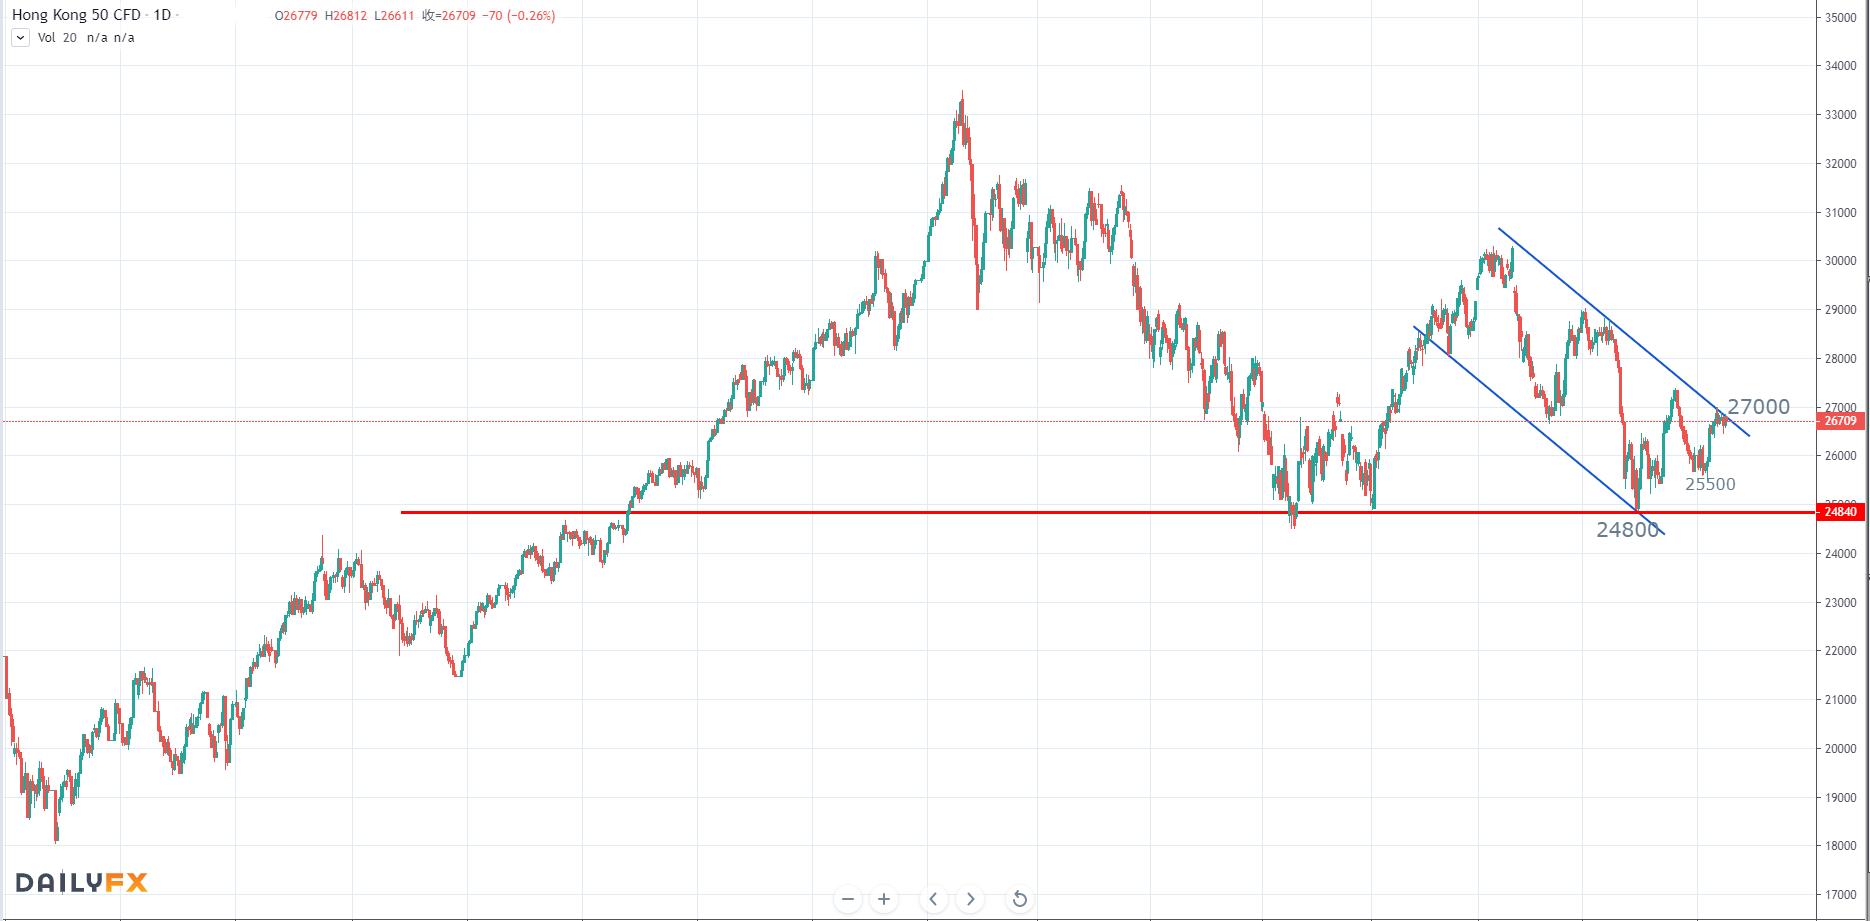 【恒指周评】市场基本面重陷混沌,恒指走势整理待变